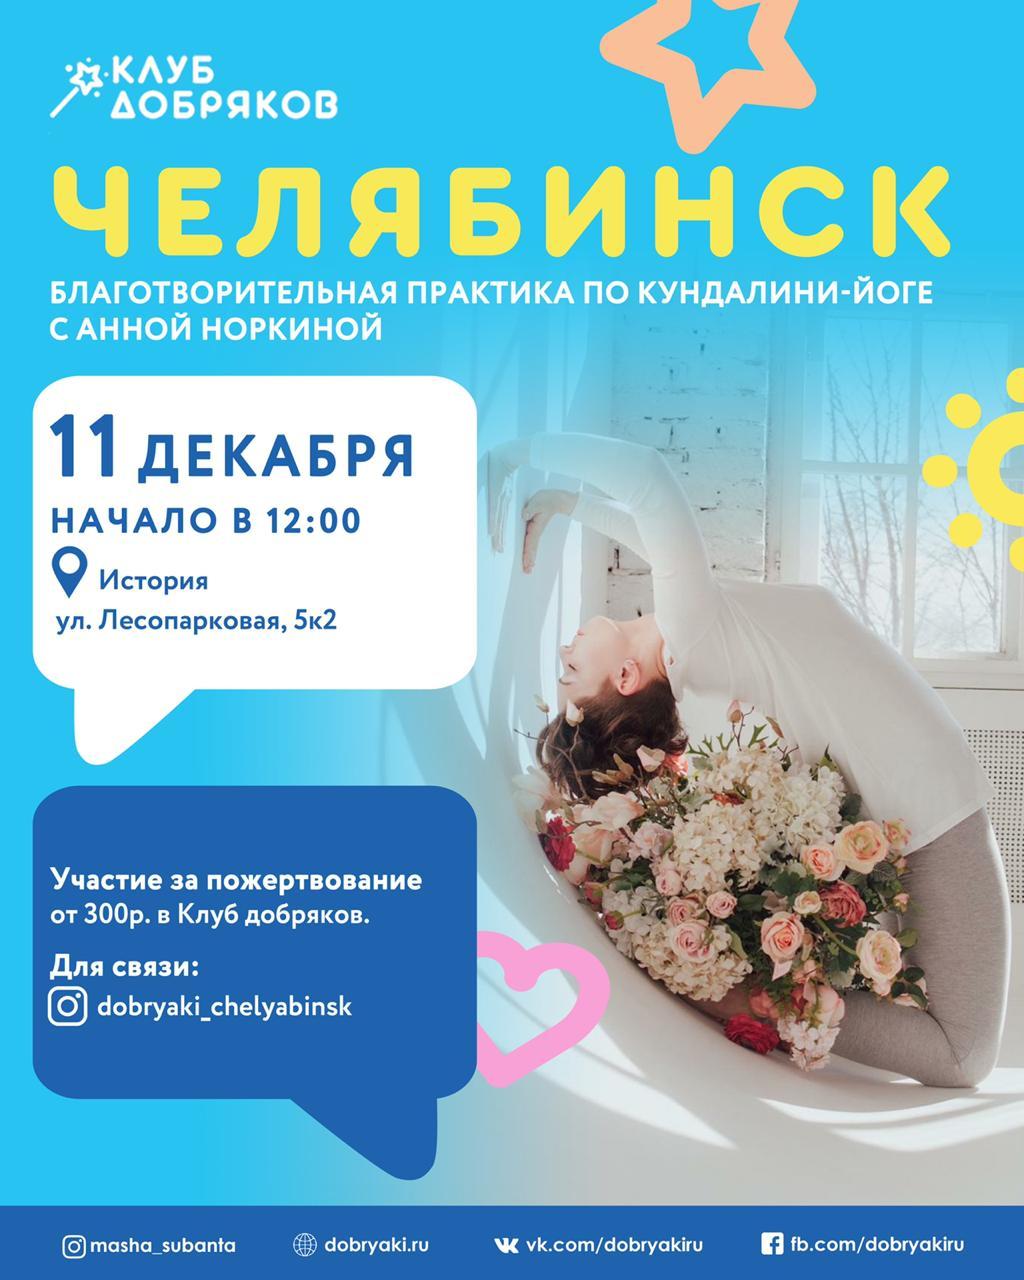 В Челябинске пройдет благотворительная практика по кундалини-йоге